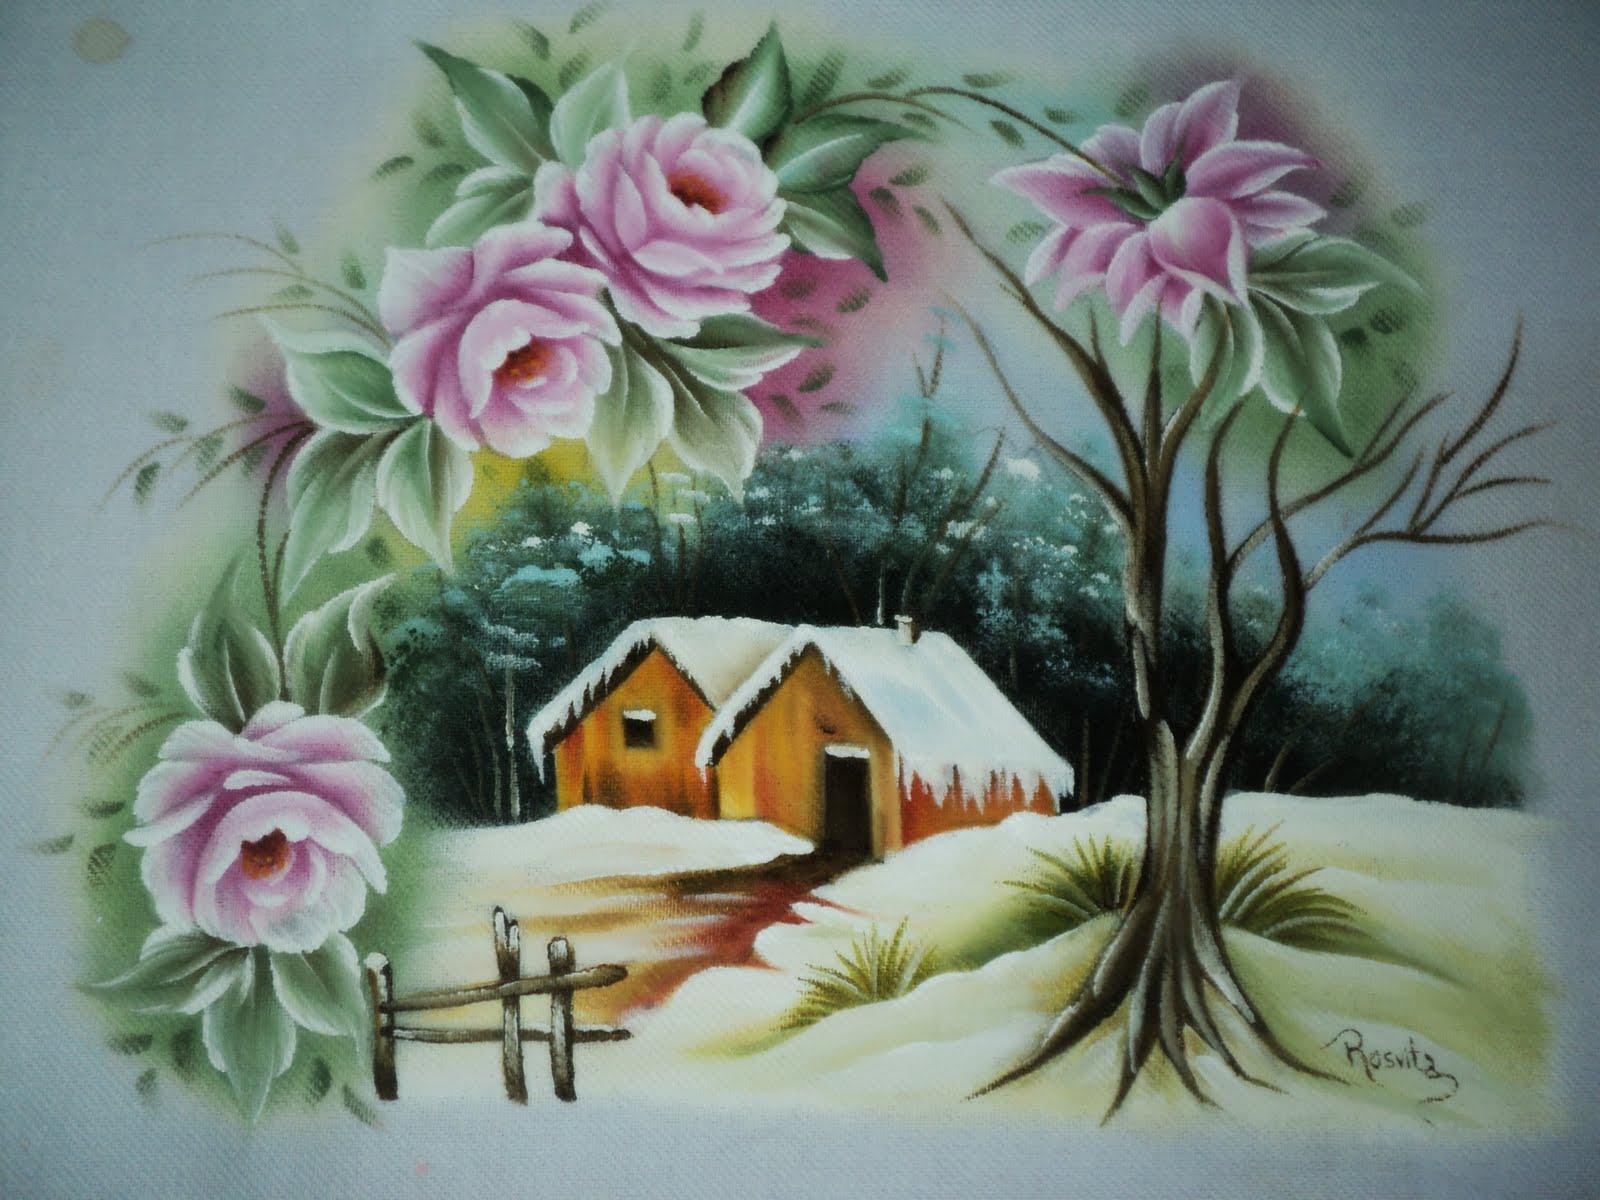 Rosvita artes pintura em tecidos e emborrachados pano - Pintura en tela motivos navidenos ...